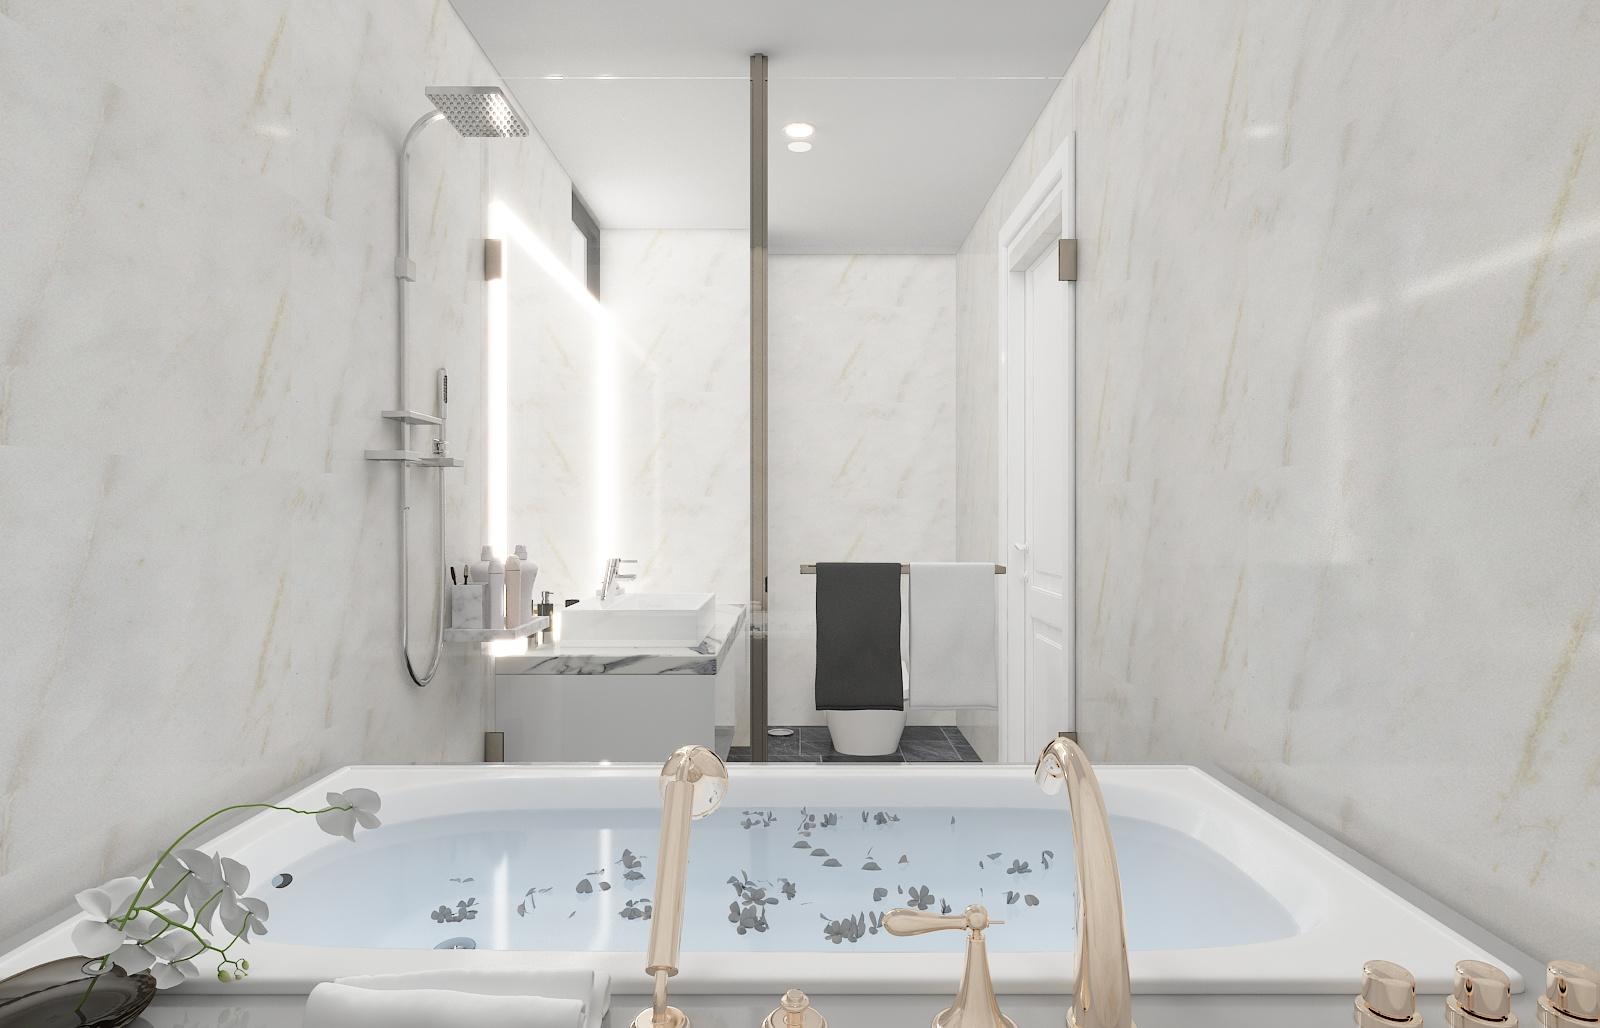 phòng tắm hiện đạisang trọng